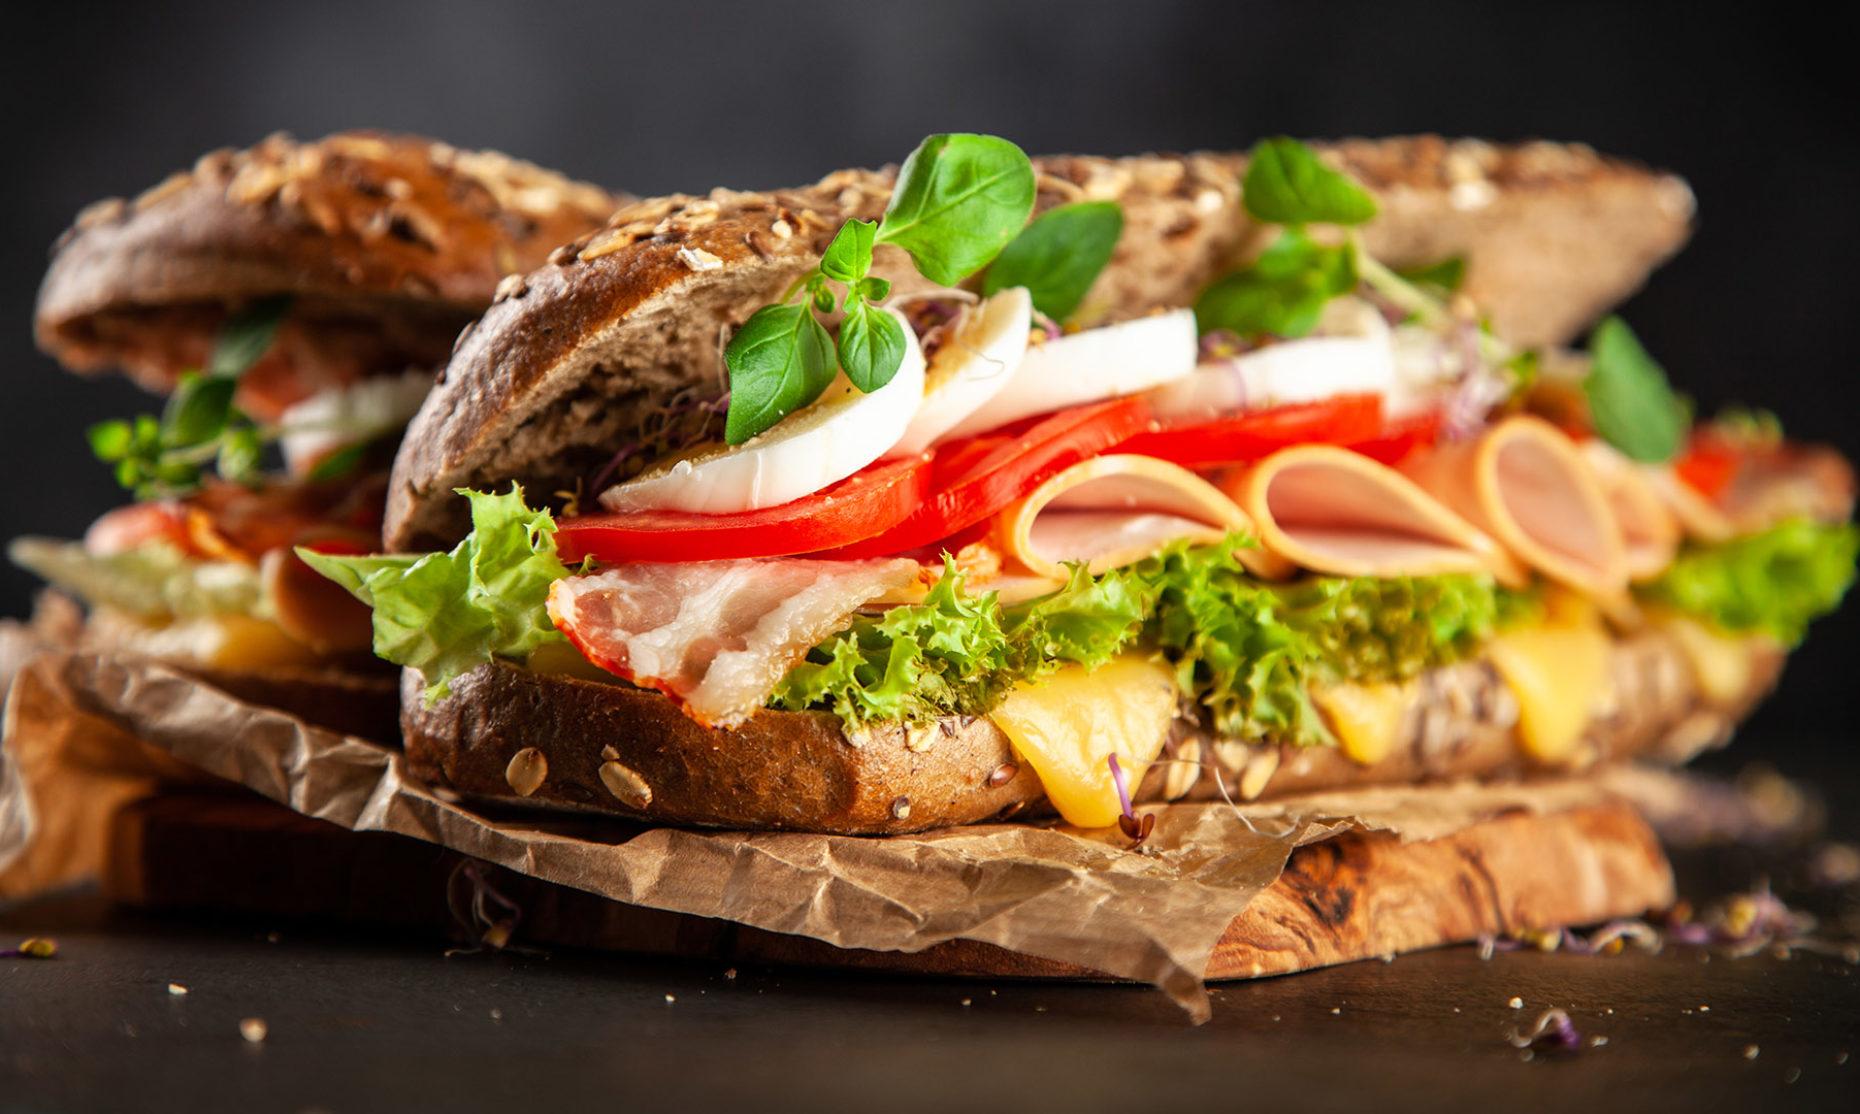 sandwich_mittagspause_arbeitsplatz_wirblog_gesundheit